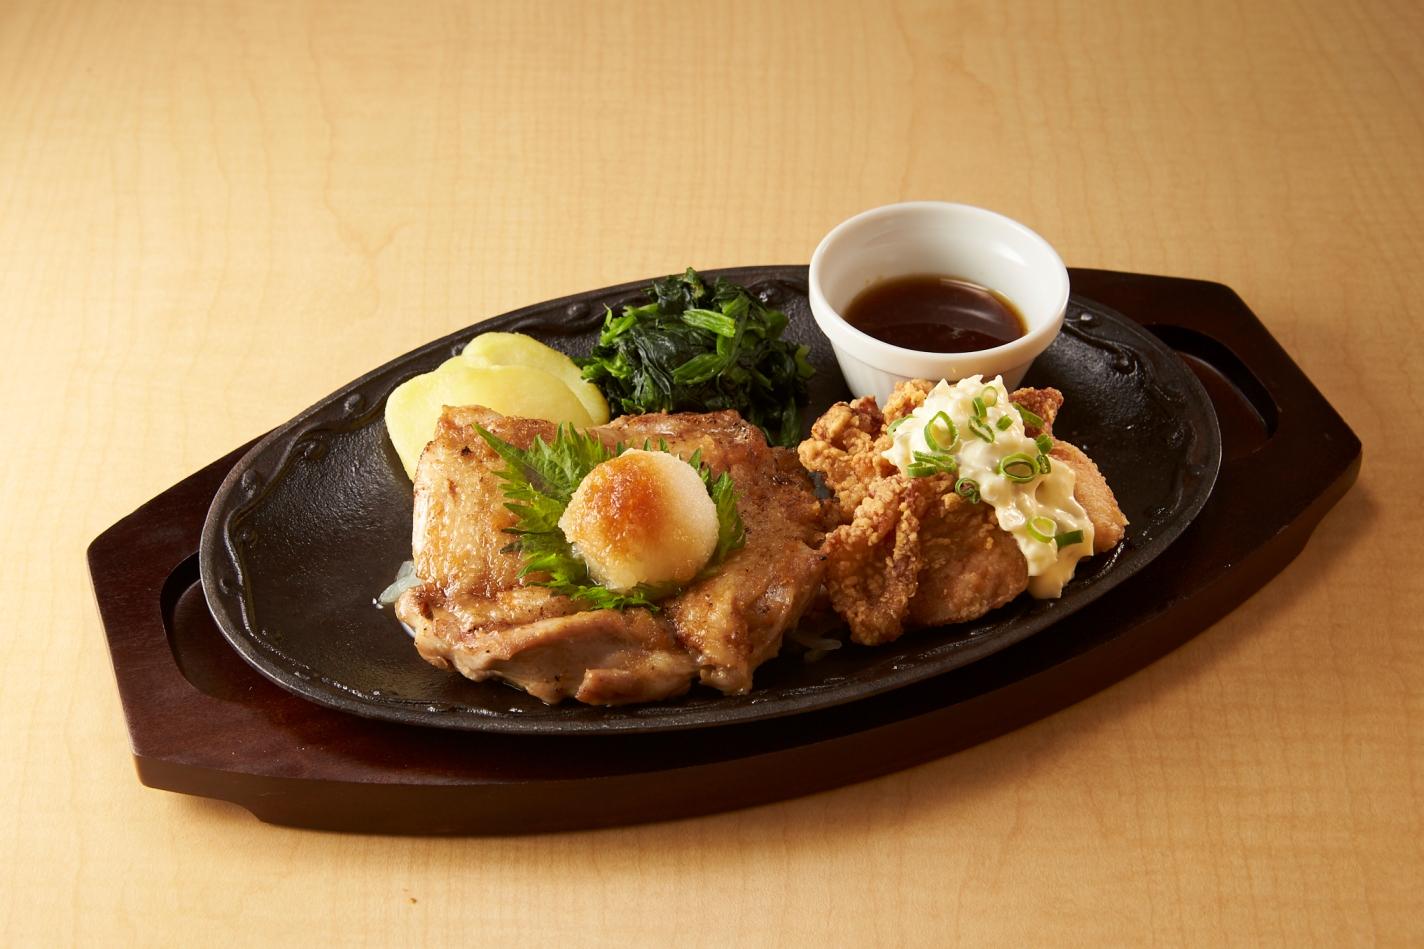 デニーズ Wチキン~マテ茶鶏のチキンステーキ&タルタルチキン唐揚げ